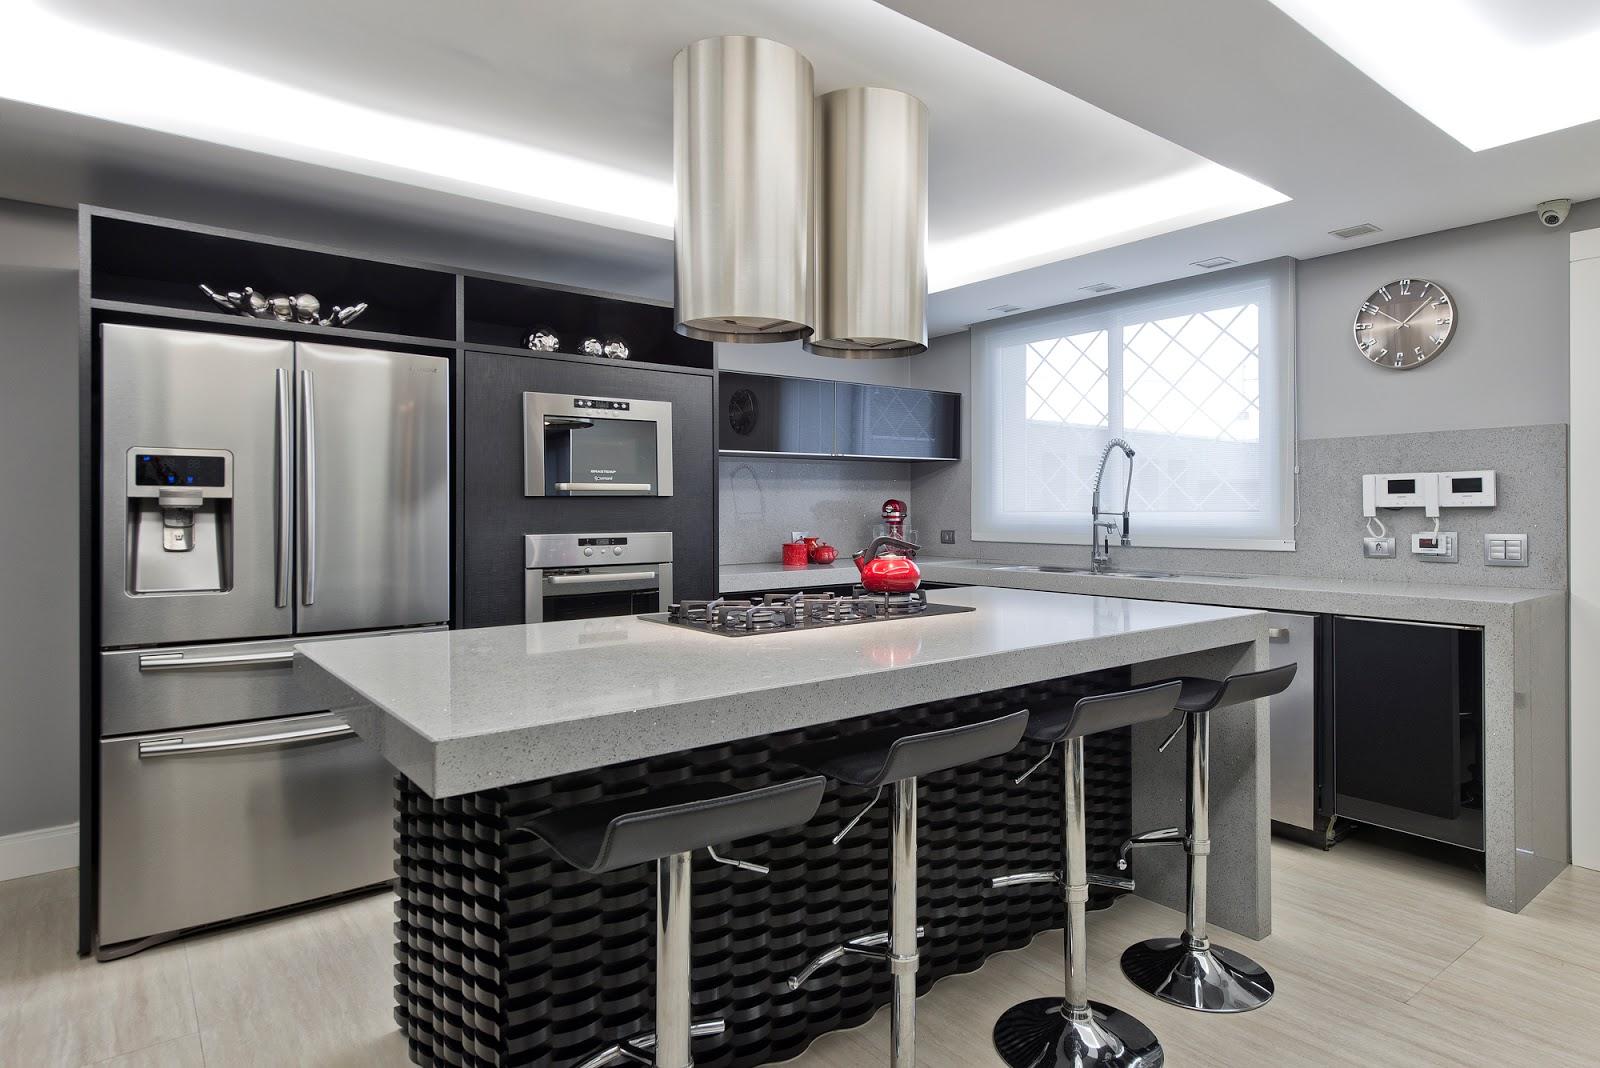 Cozinha Em Tons De Cinza Ousada E Contempor Nea Decorsalteado ~ Cozinha Cinza Com Vermelho